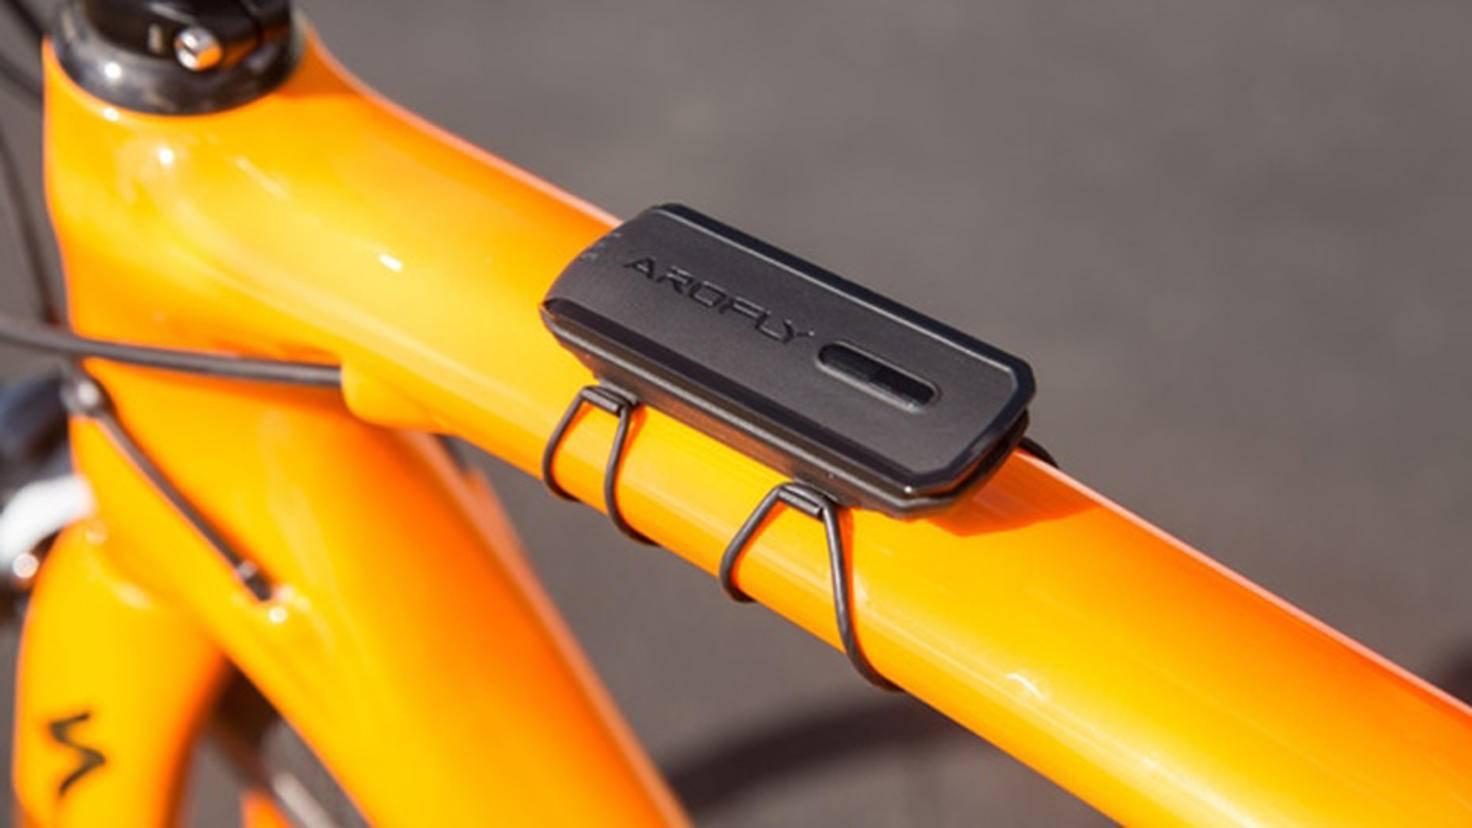 ... werden über den Transmitter (Bild) an den Fahrradcomputer übertragen.